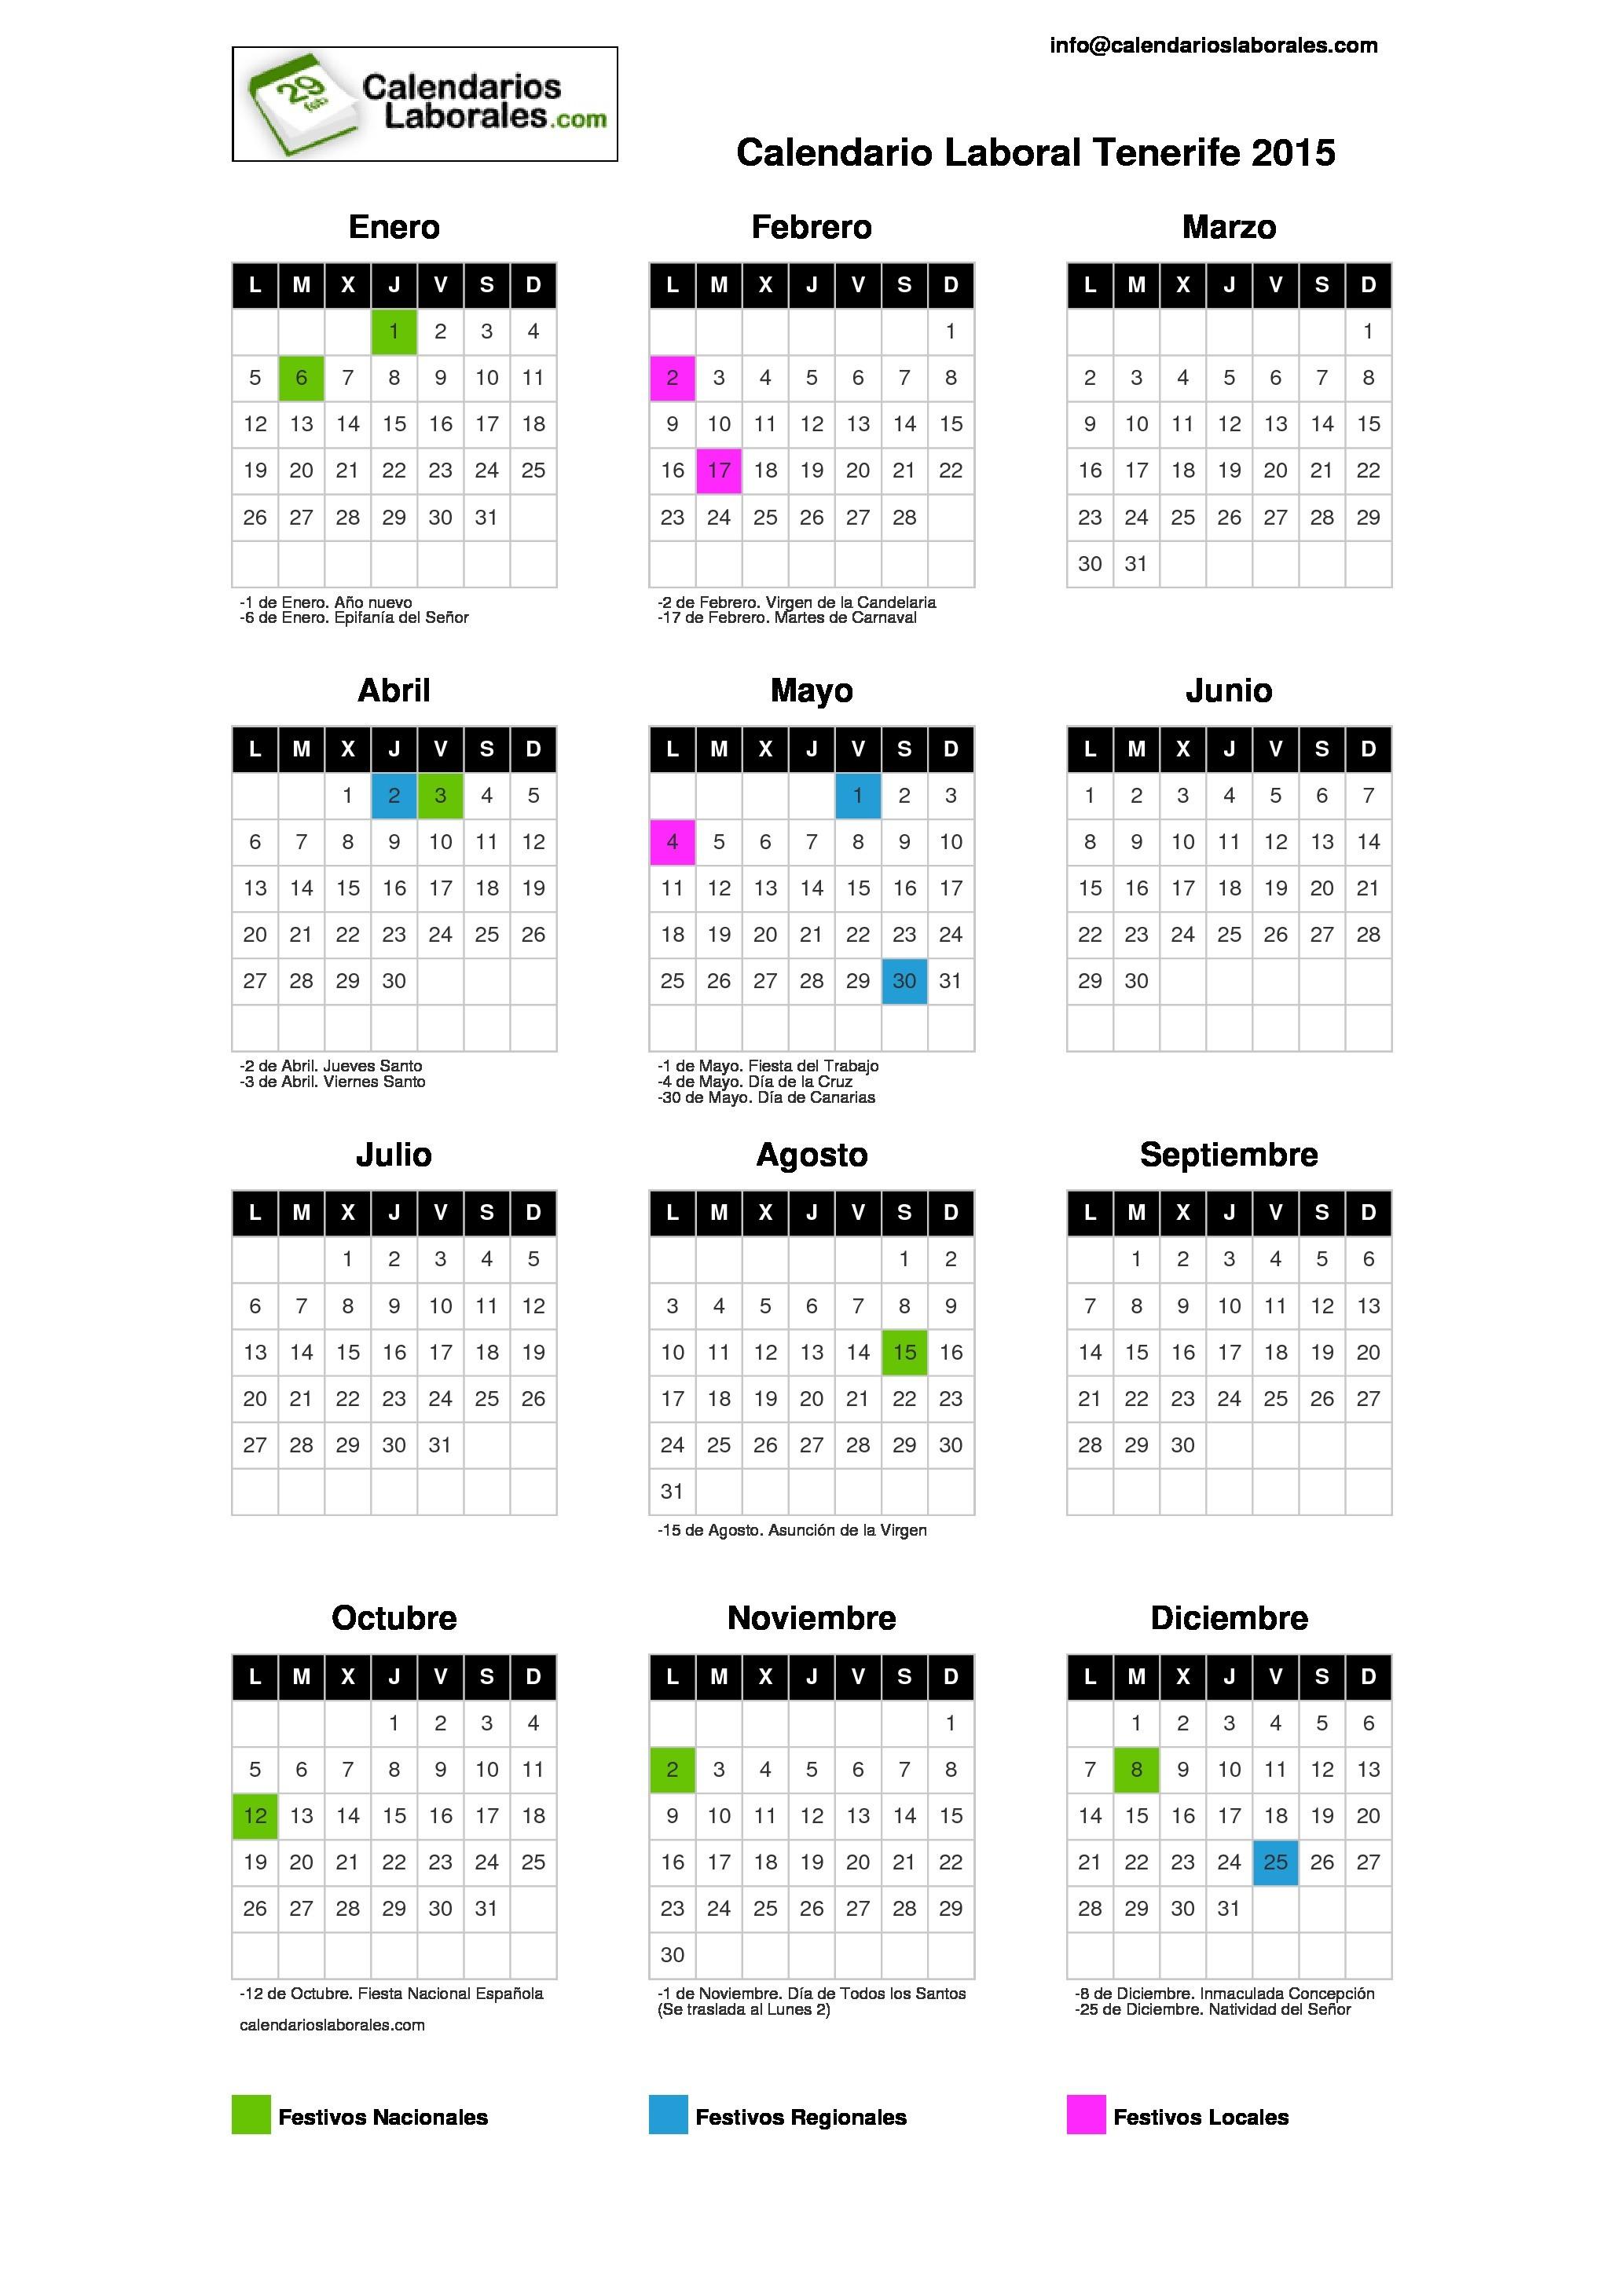 Calendario 2015 Para Imprimir Com Feriados Más Recientes Calendario Laboral Tenerife S C 2015